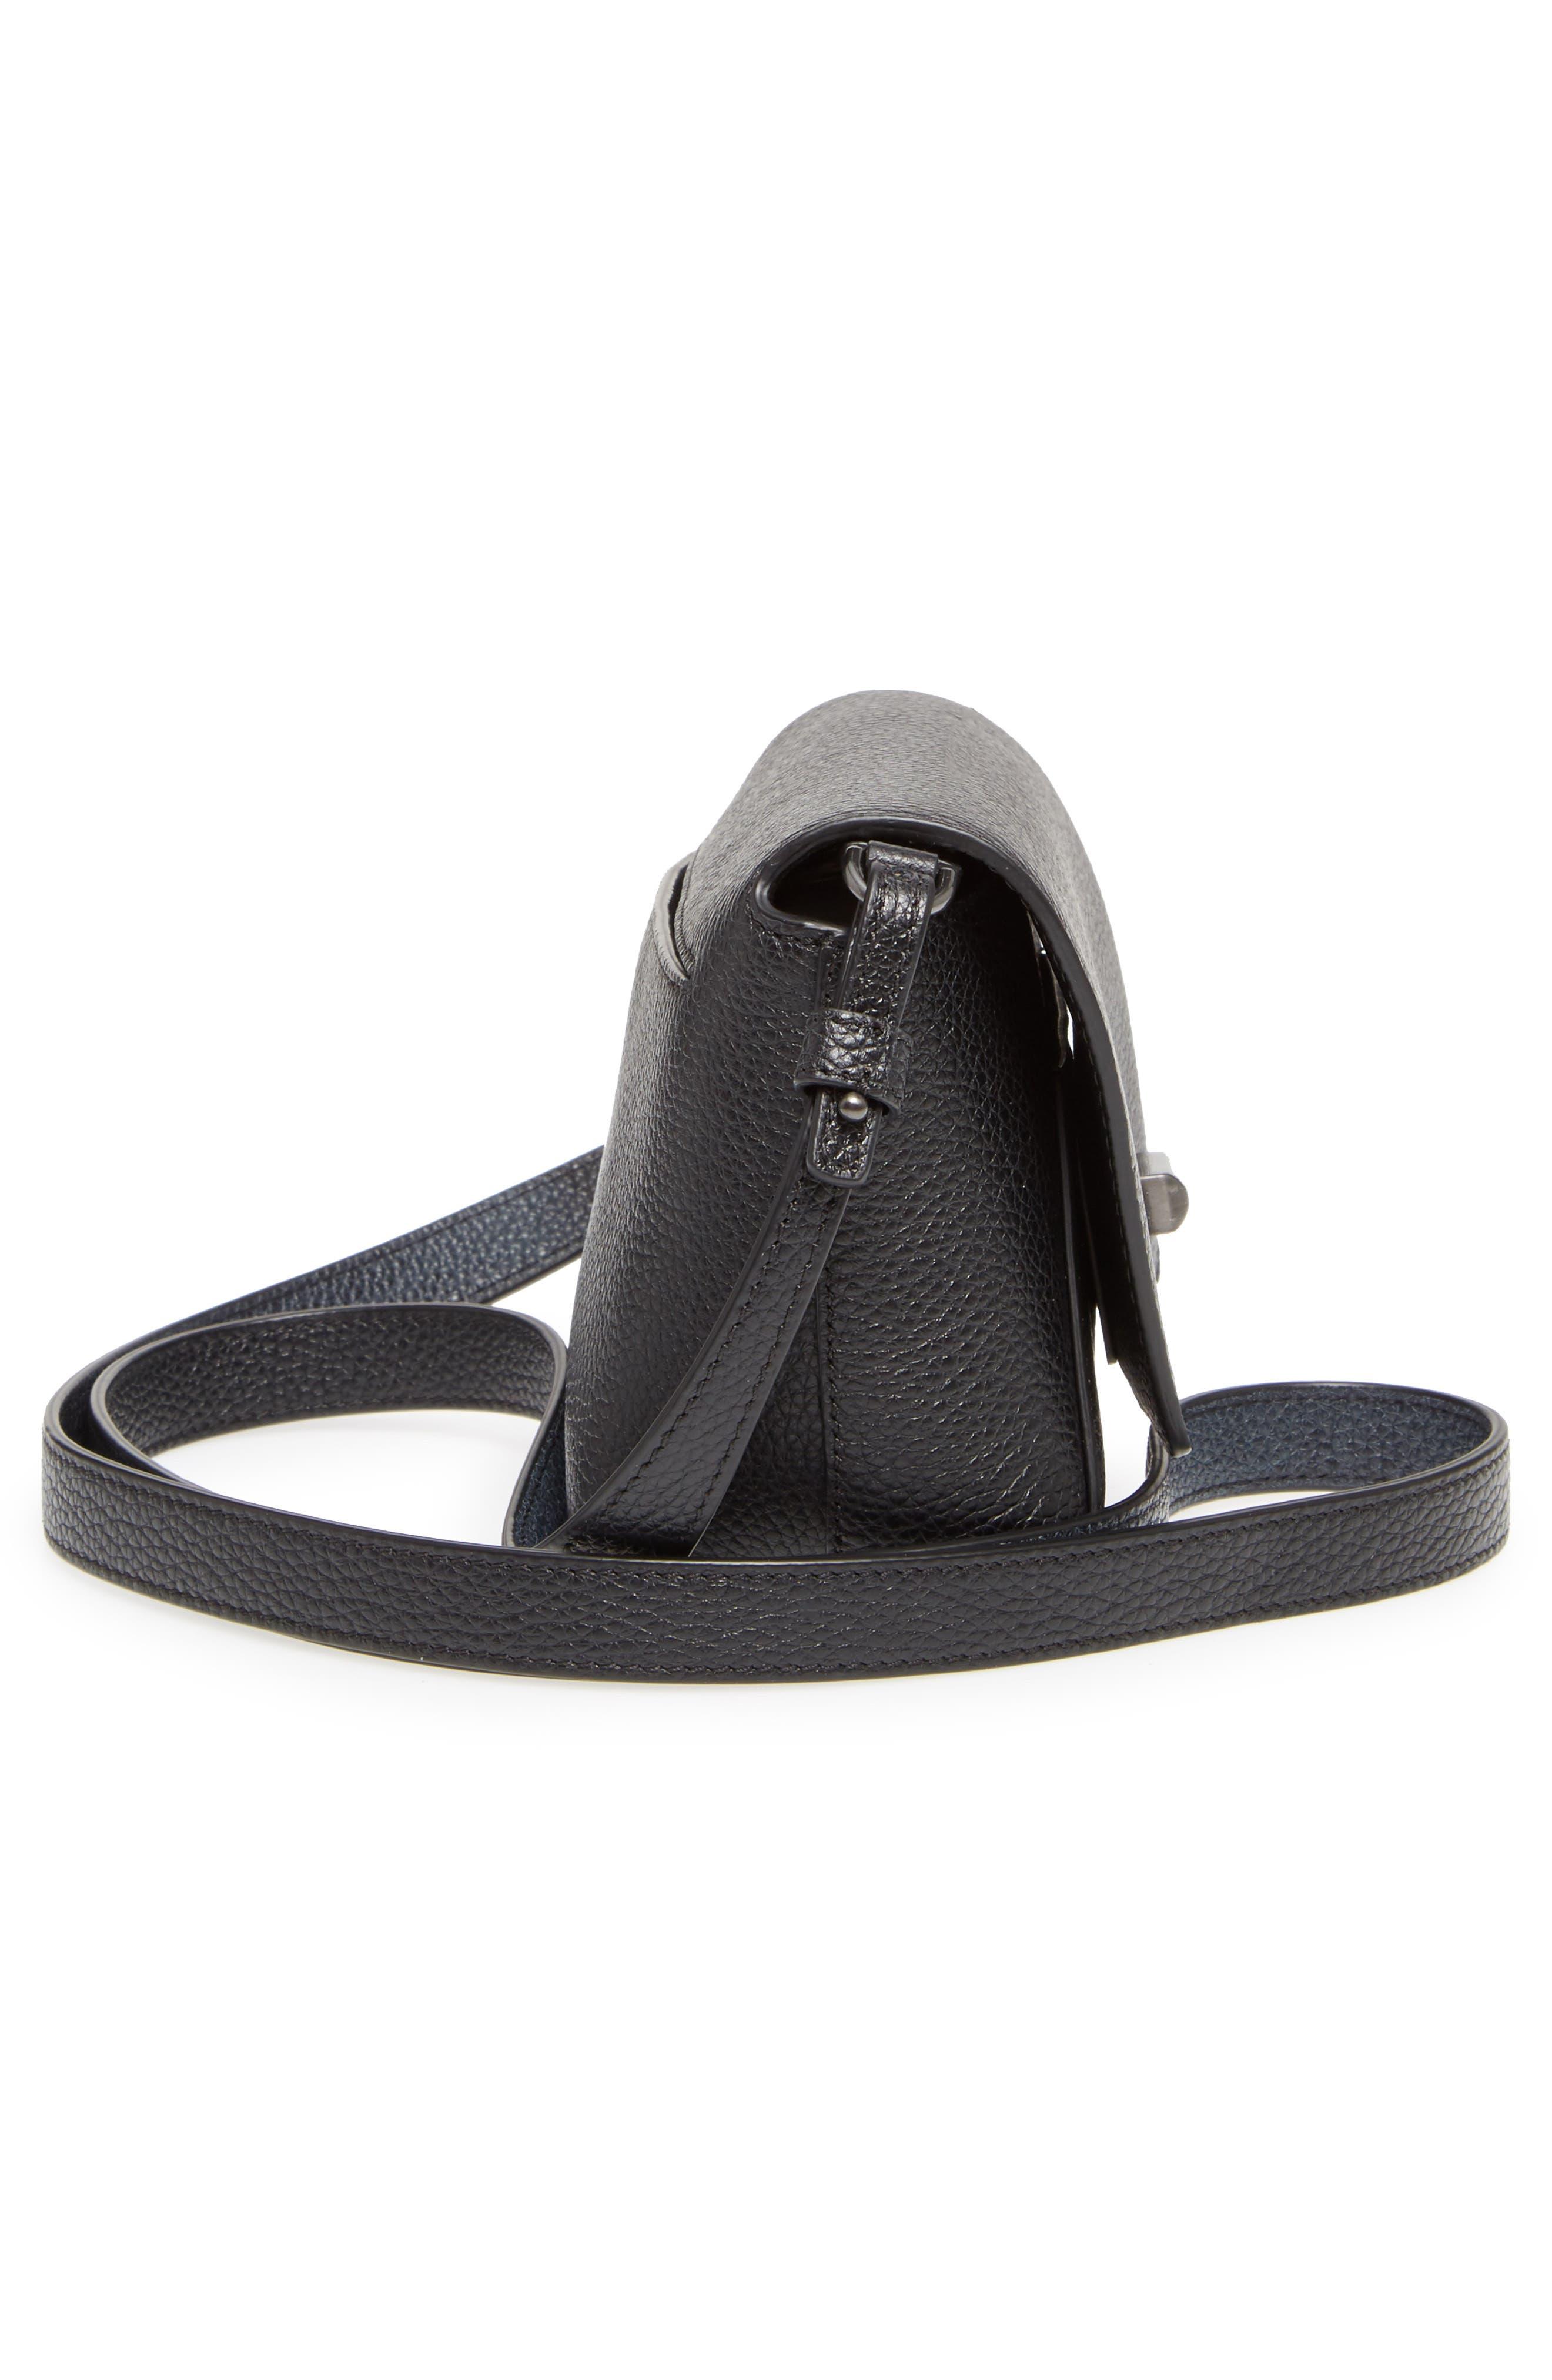 Little Anouk Leather Crossbody Bag,                             Alternate thumbnail 5, color,                             009 BLACK